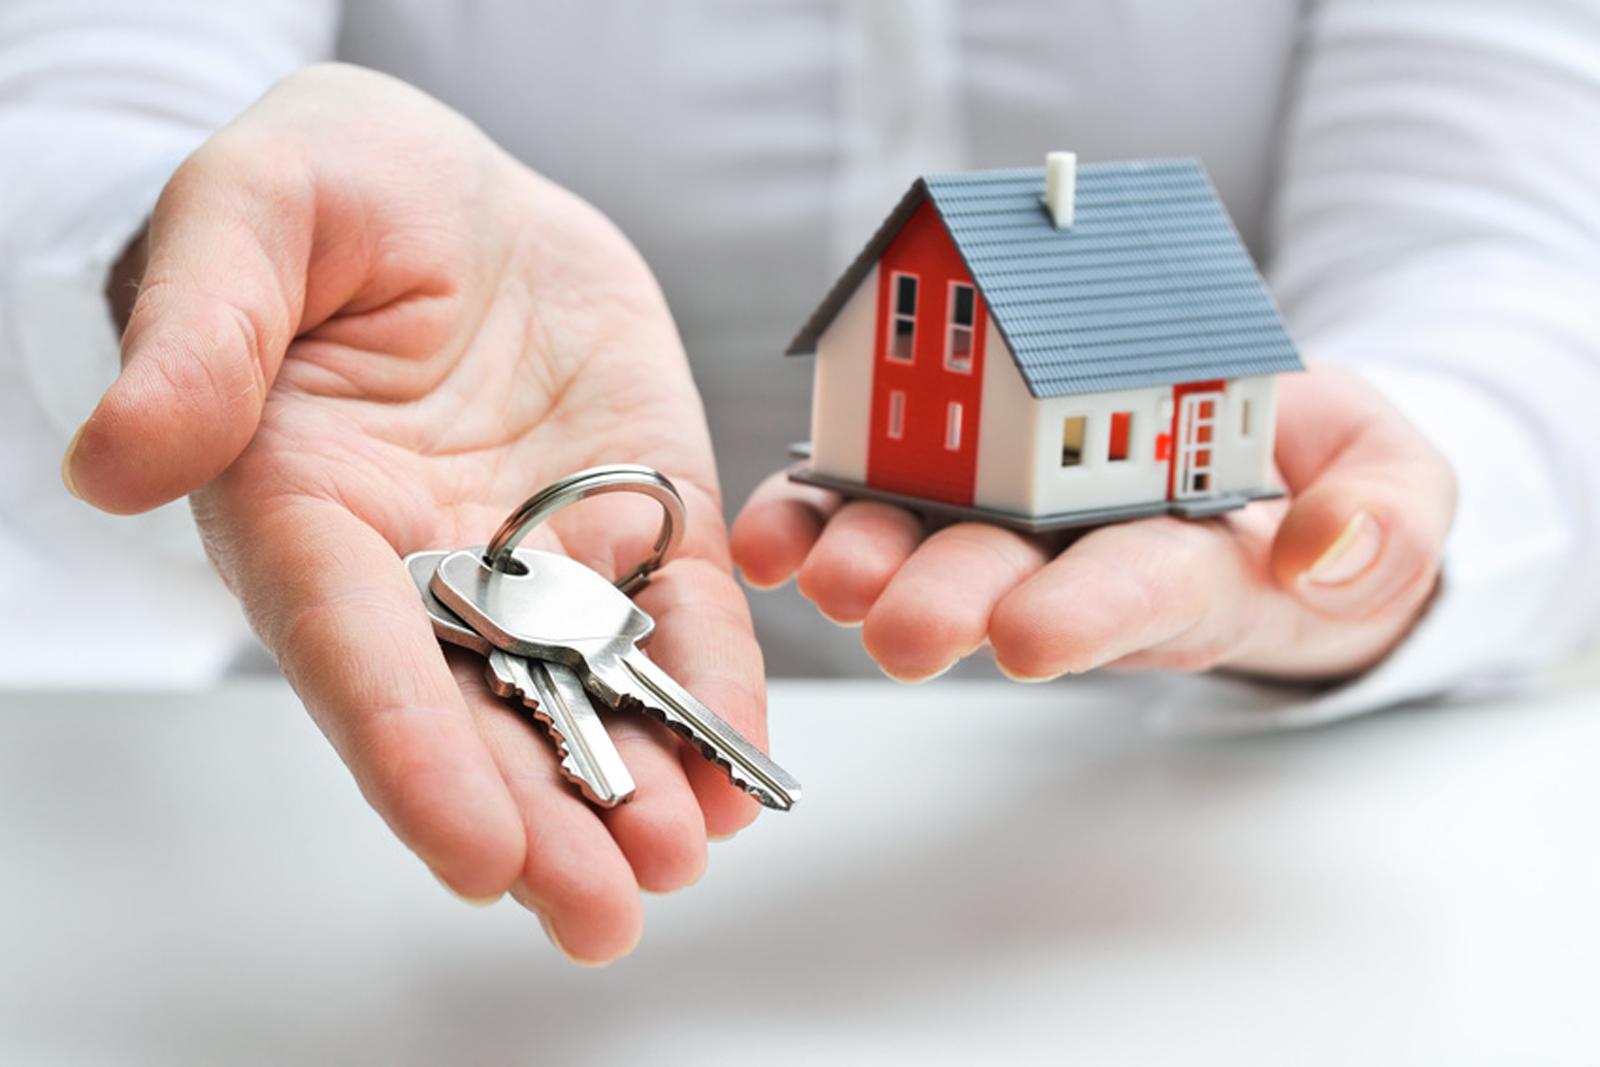 llave mano construcción casa